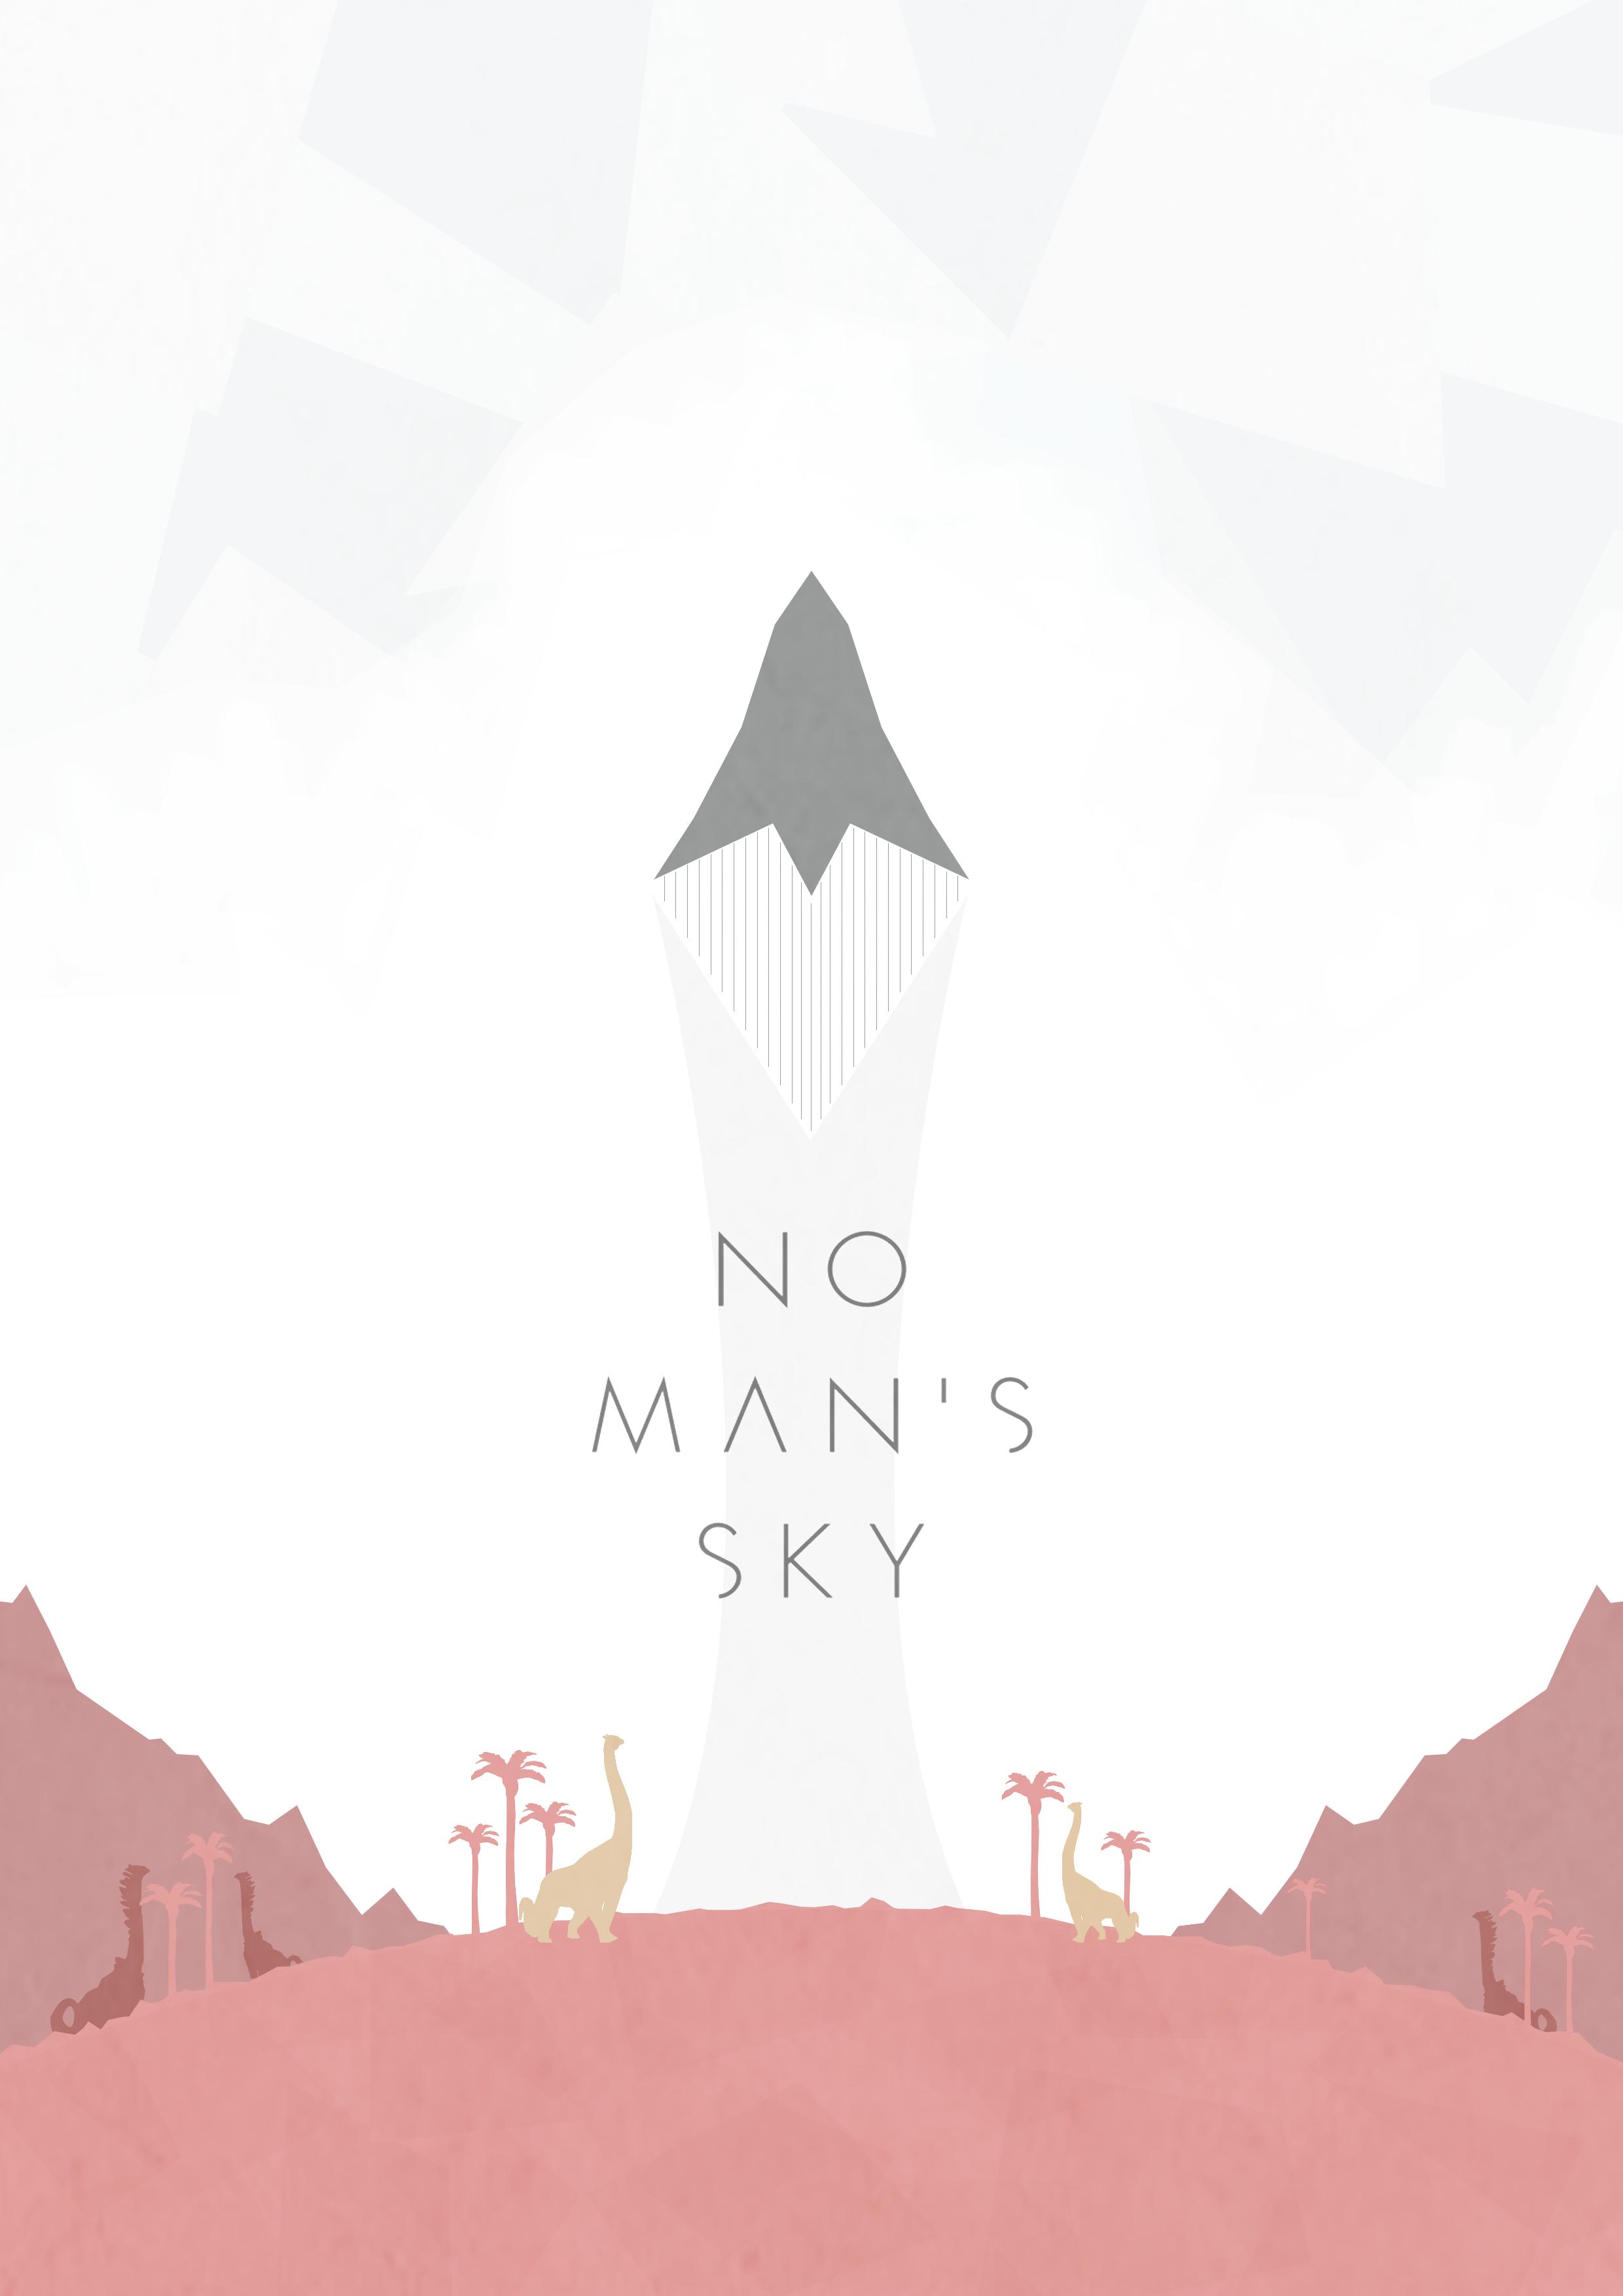 No Mans Sky Poster By Lewisdowsett On Deviantart